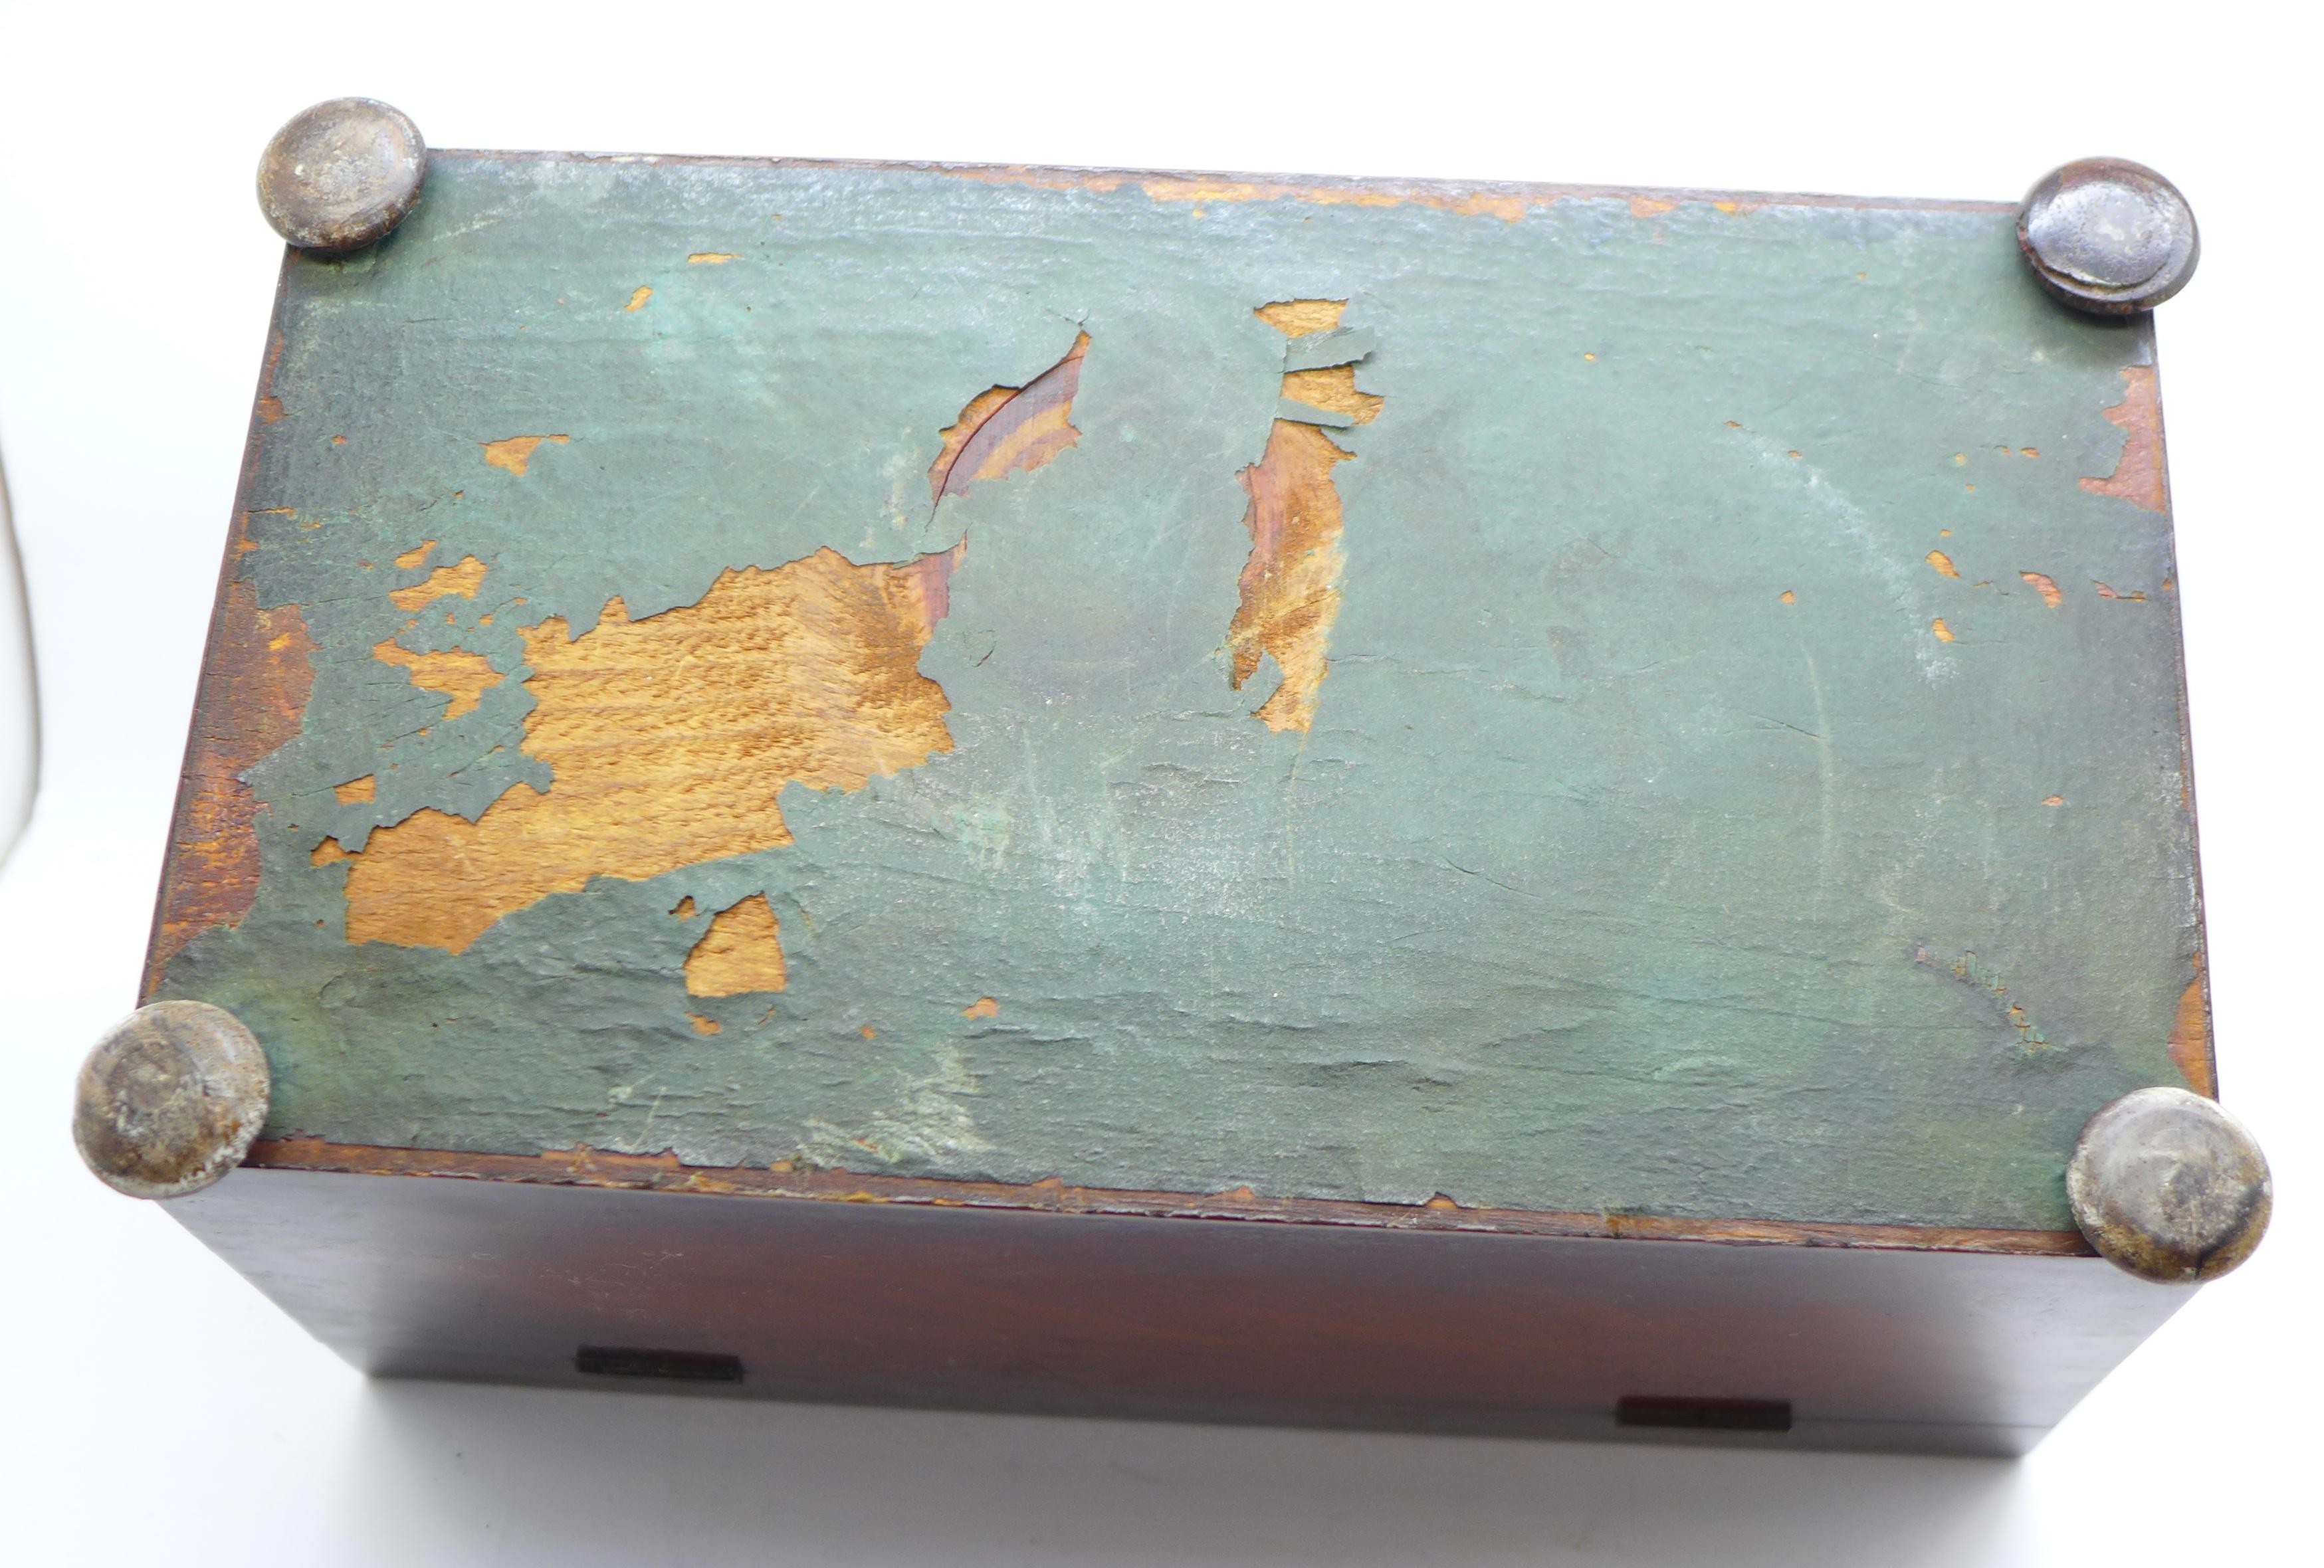 Lot 616 - A Regency tea caddy with glass jar